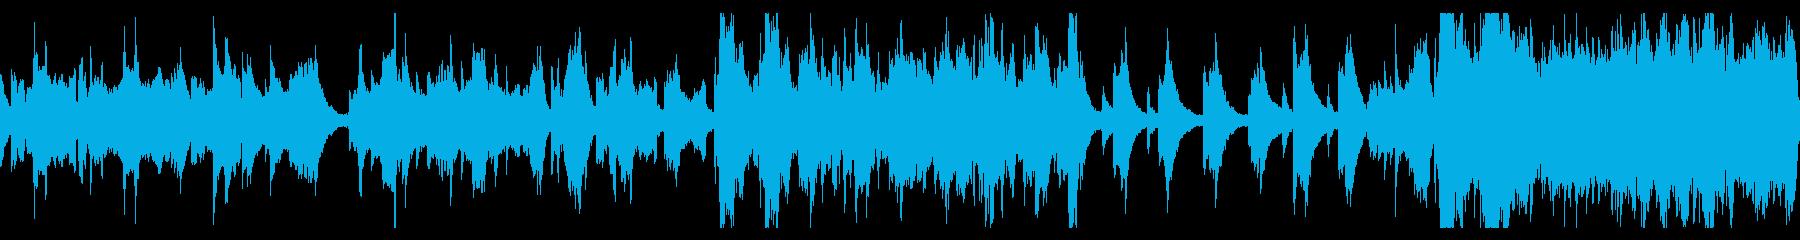 【ループ版】和風 バラード二胡の再生済みの波形